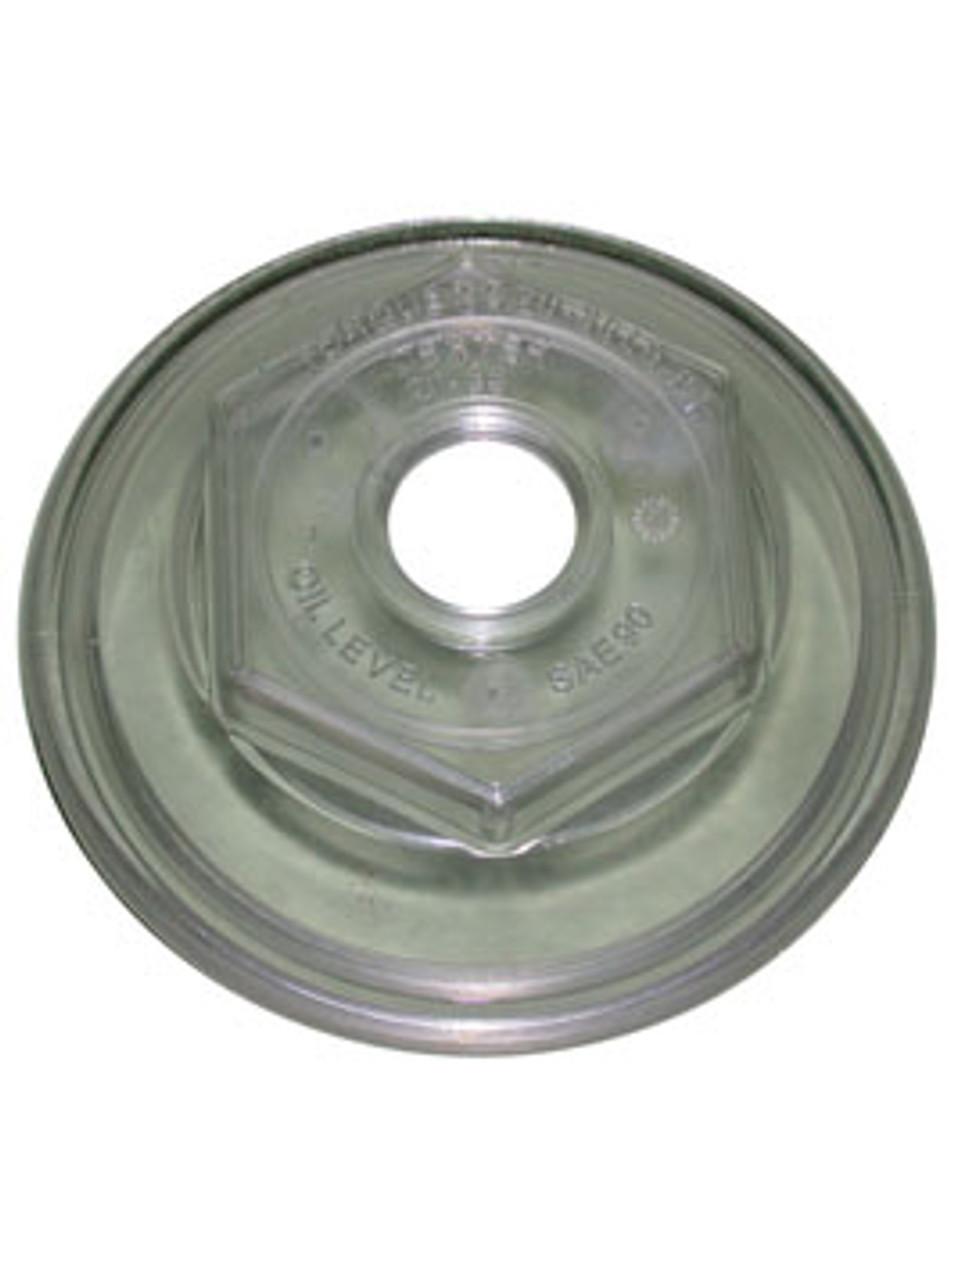 2136 --- Dexter Oil Cap